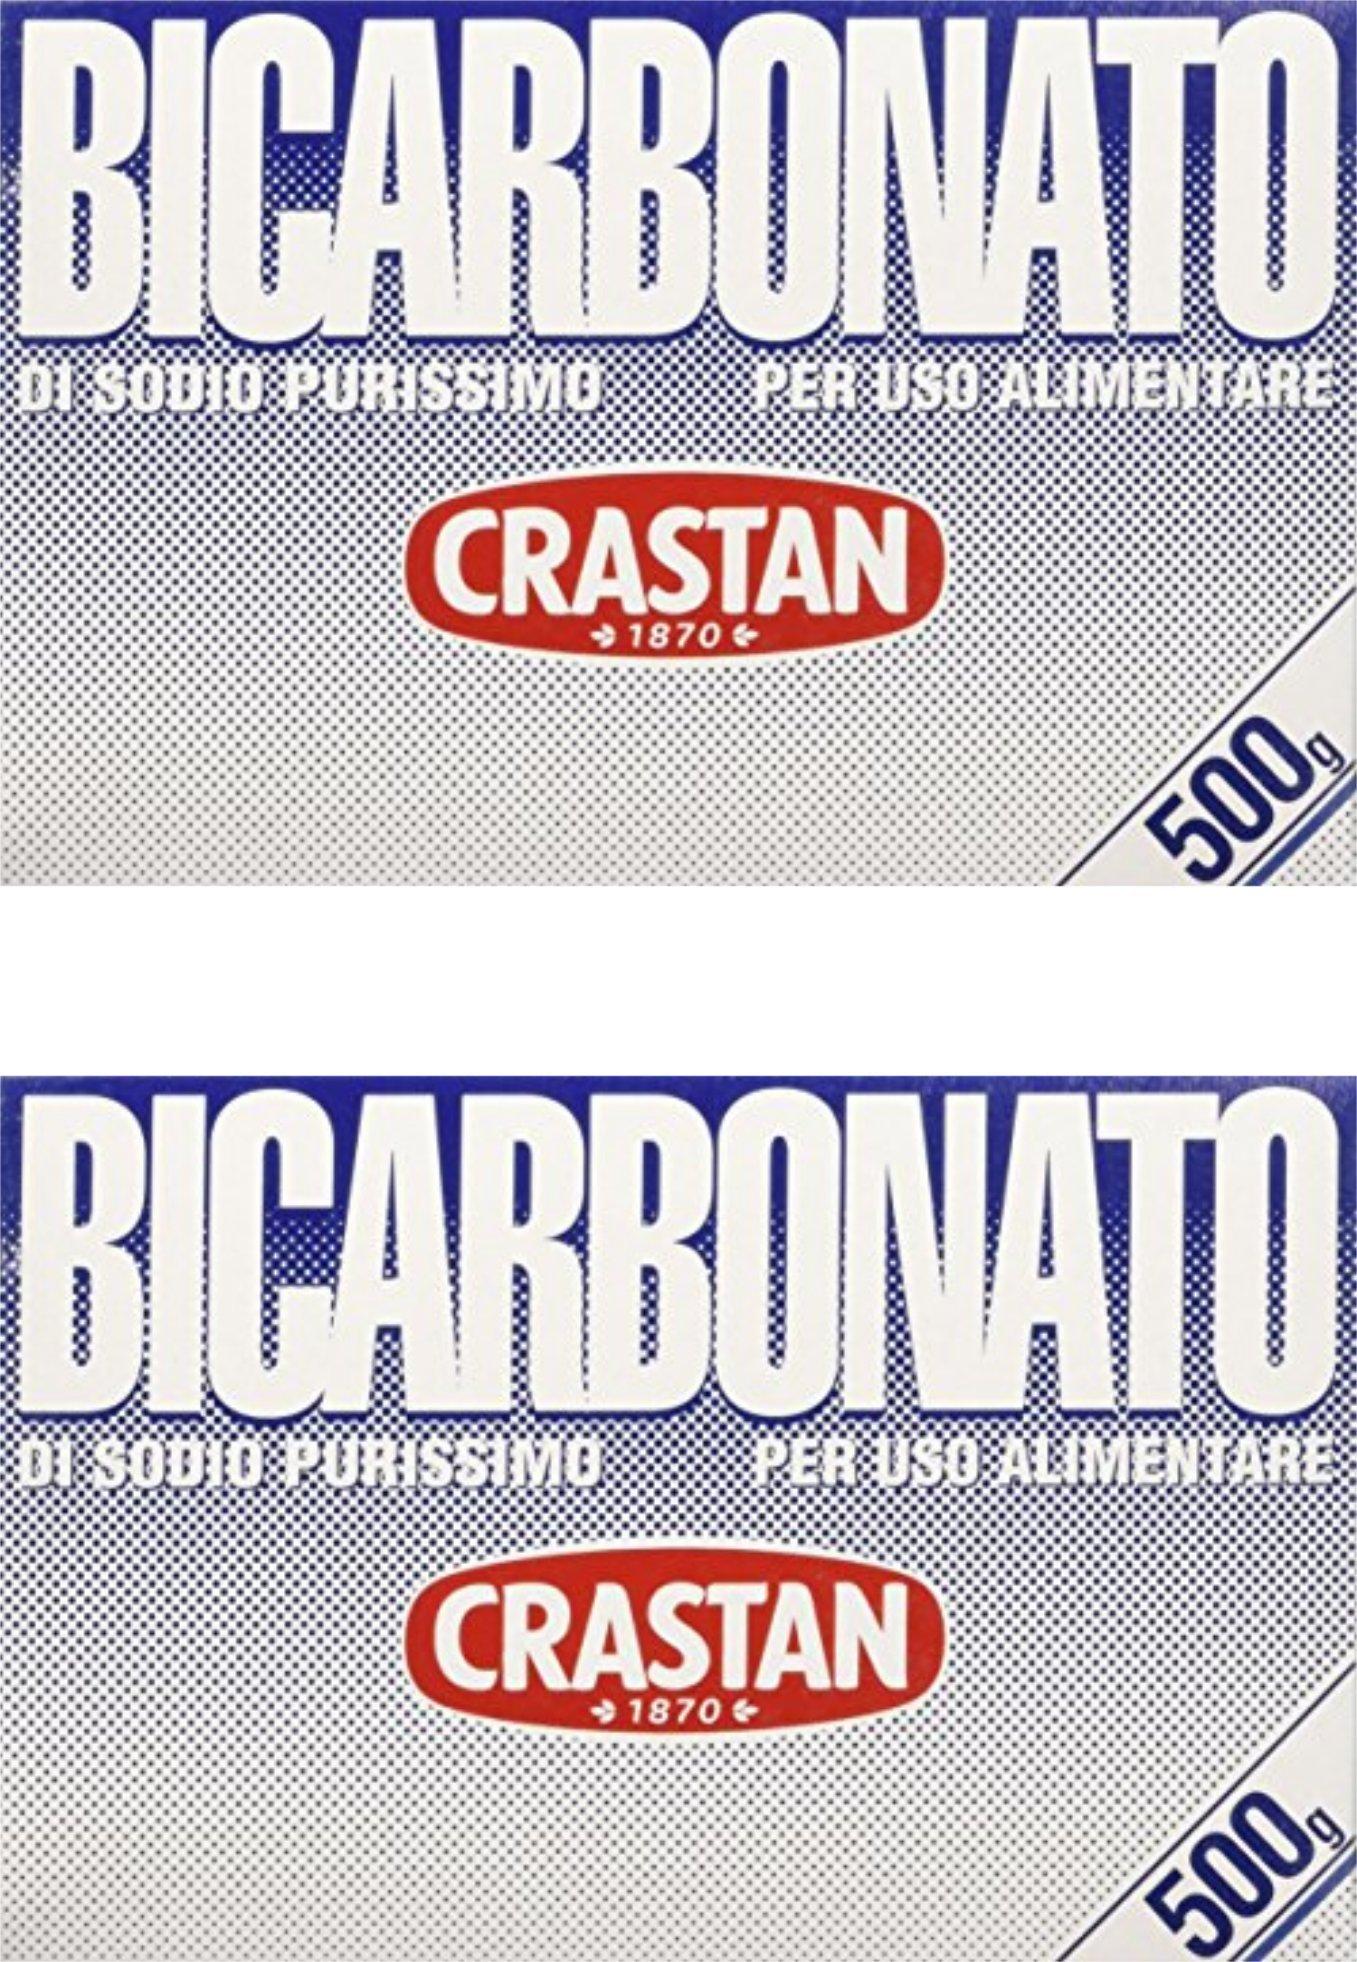 Crastan: '' Bicarbonato di Sodio Purissimo '' Baking Soda - 17.6 oz ( 500g ) Pack of 2